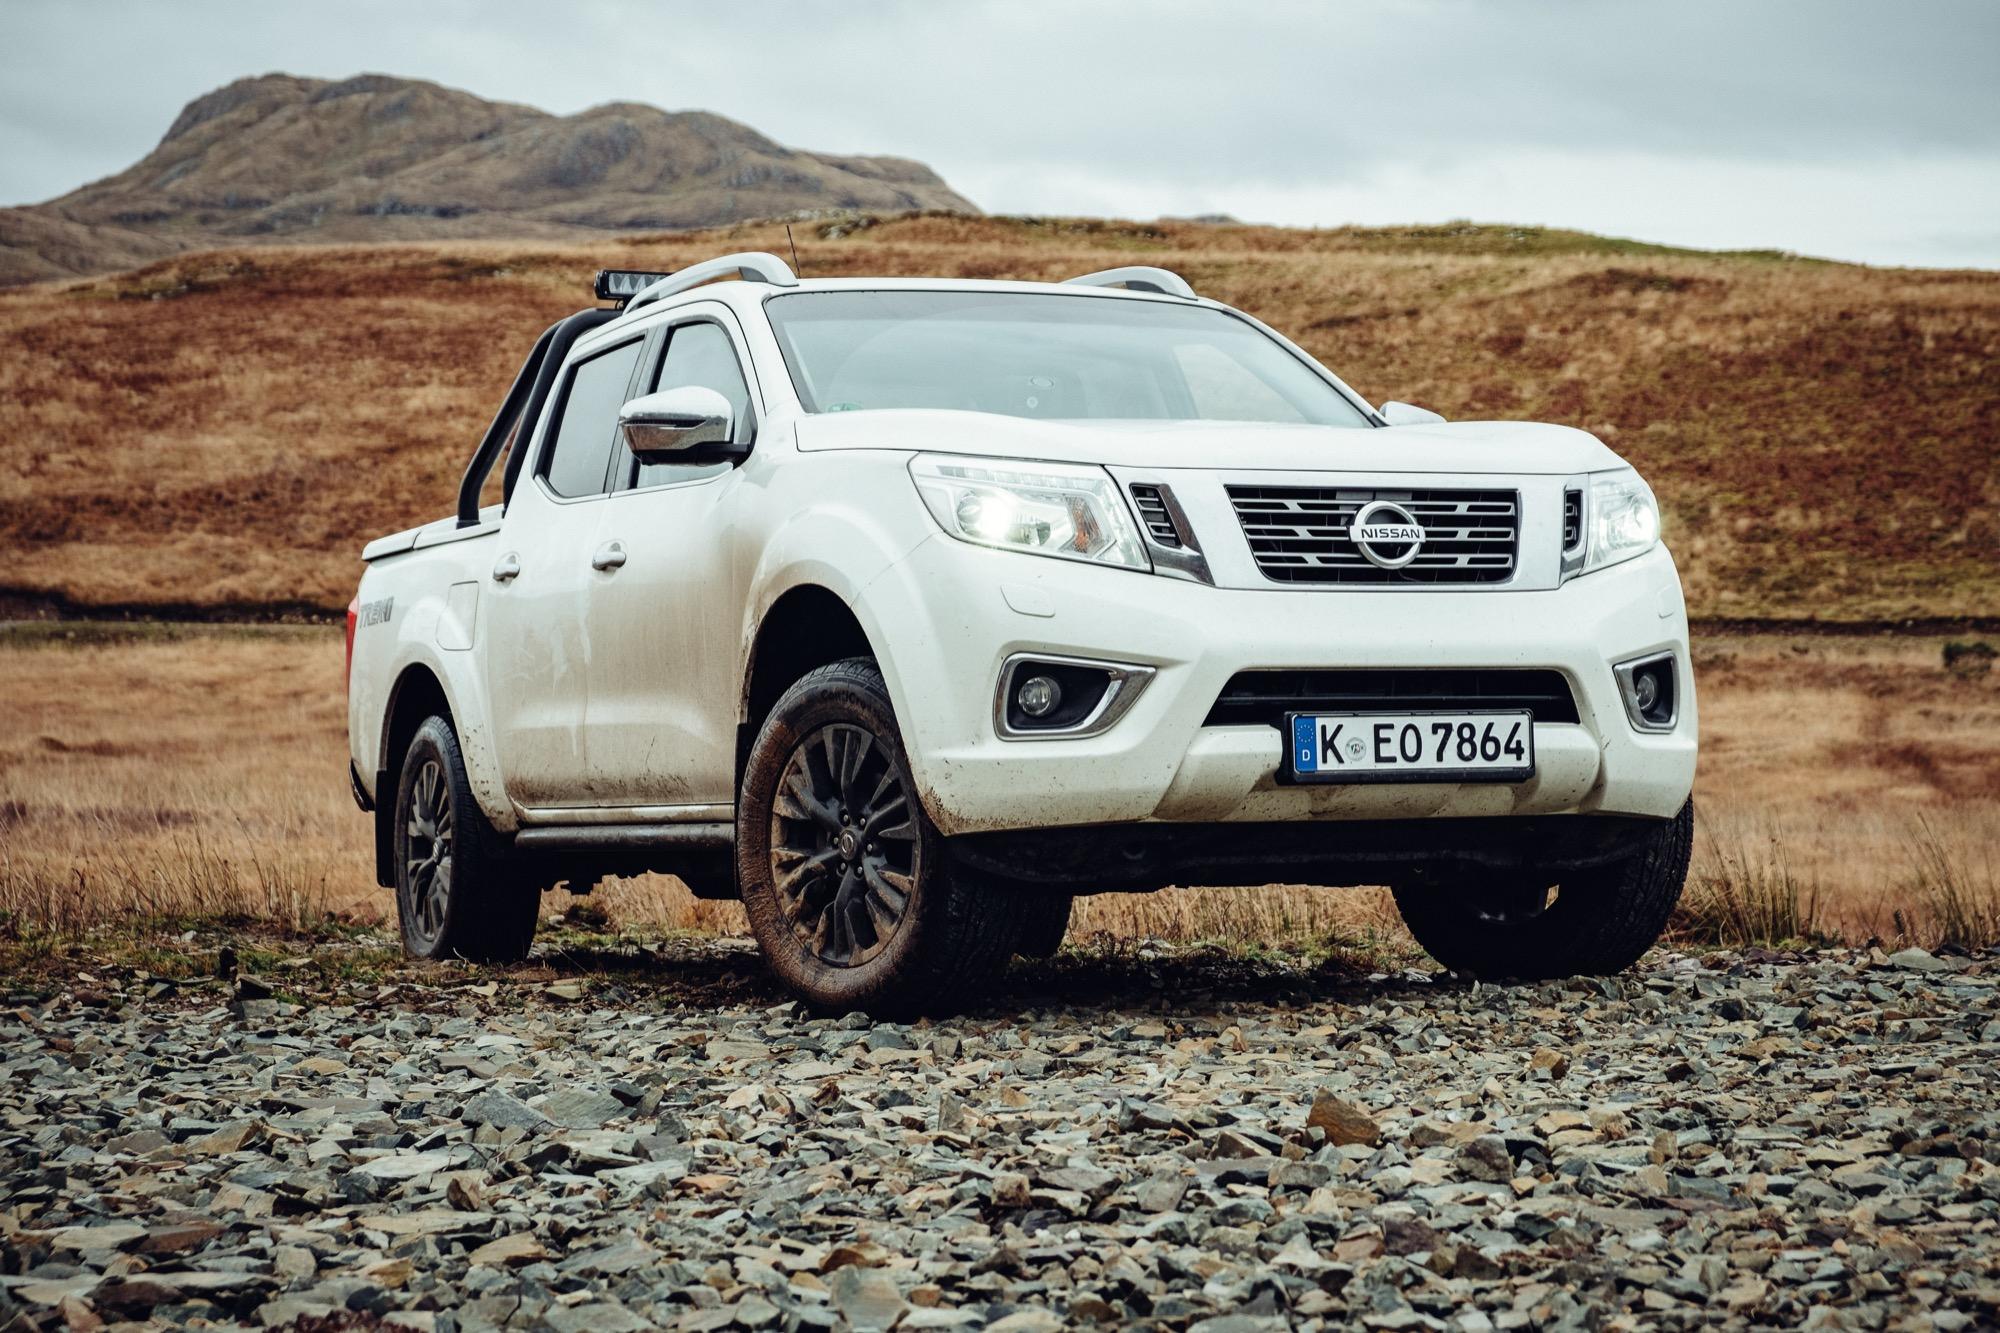 Nissan Navara Trek-1° Ergebnisse der JÄGER Testreise 2017 jagen ins Schottland hunting highlands westhighlandhunting JÄGERMAGAZIN Swarovski